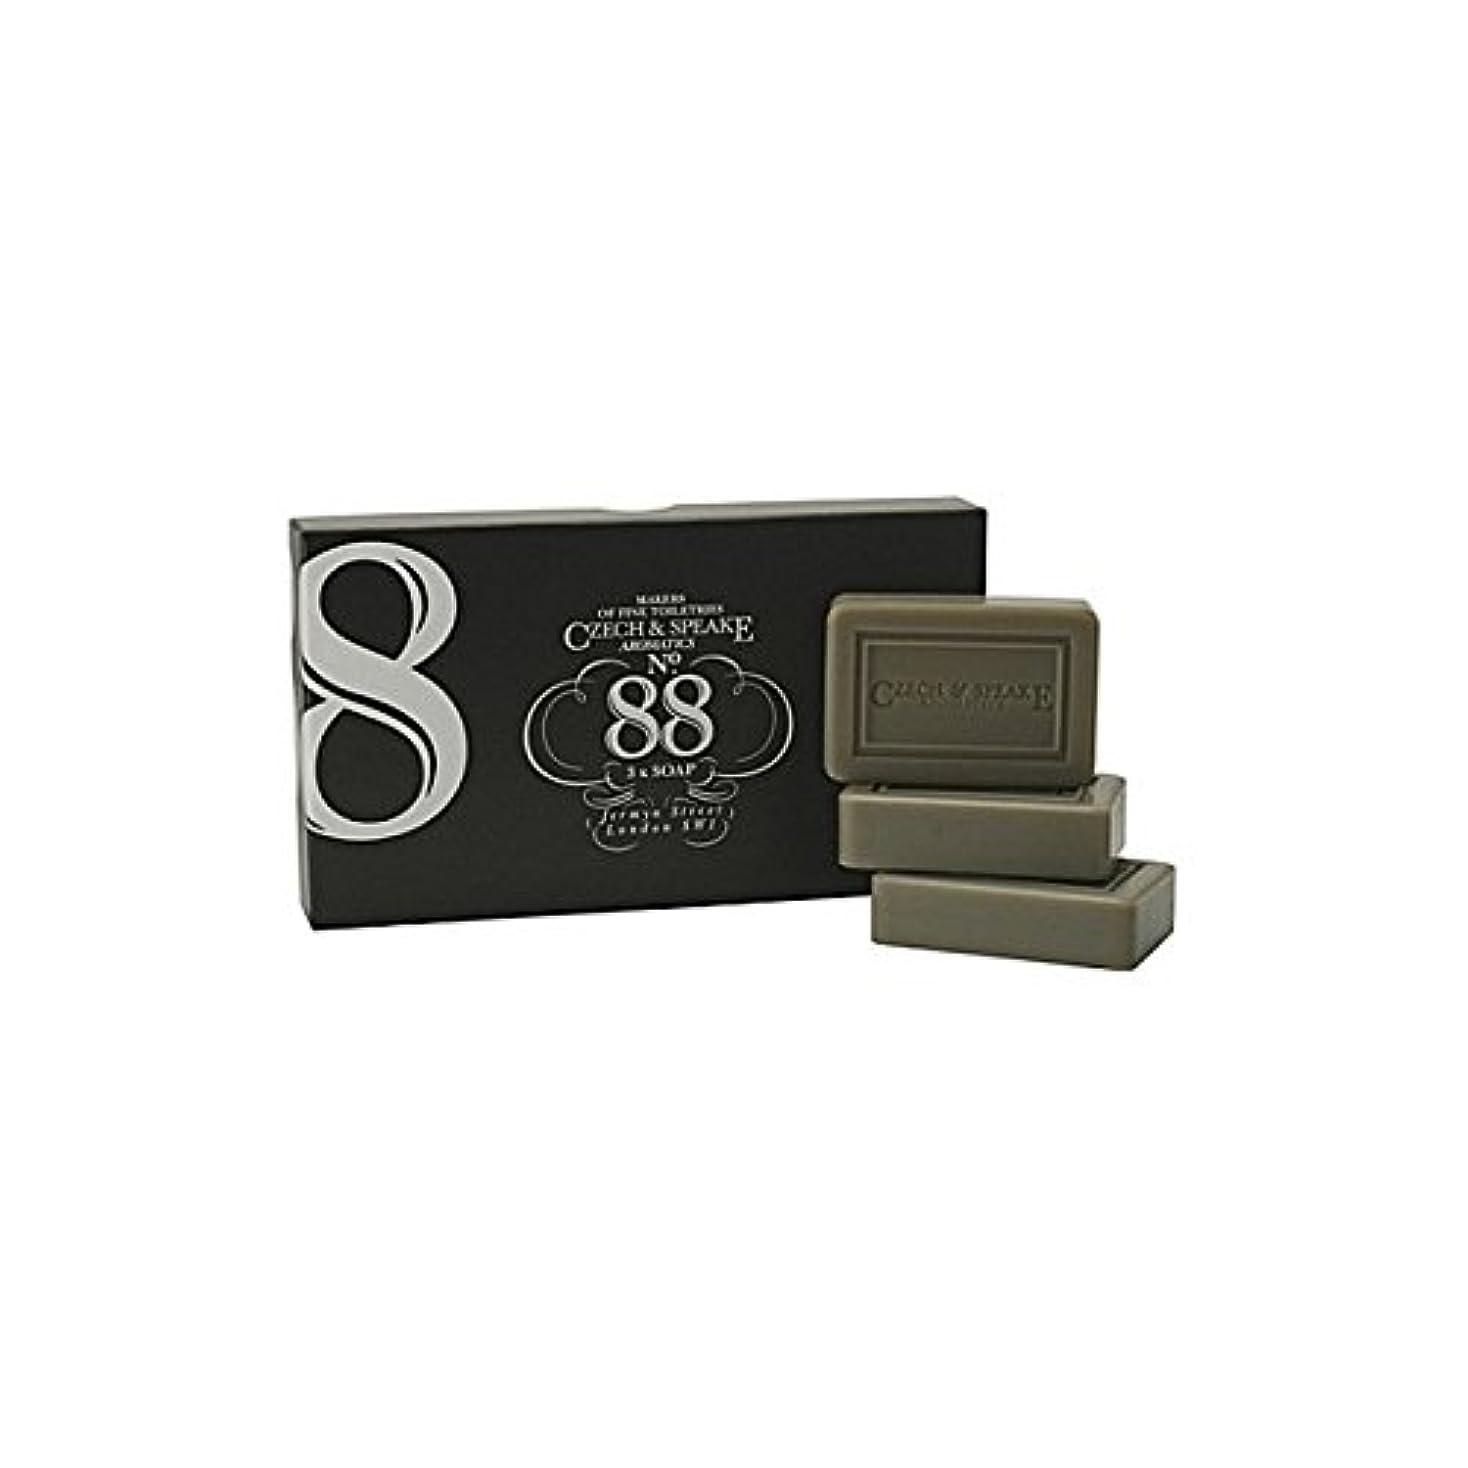 そこから着服邪悪なチェコ&スピーク.88ソープセット x2 - Czech & Speake No.88 Soap Set (Pack of 2) [並行輸入品]